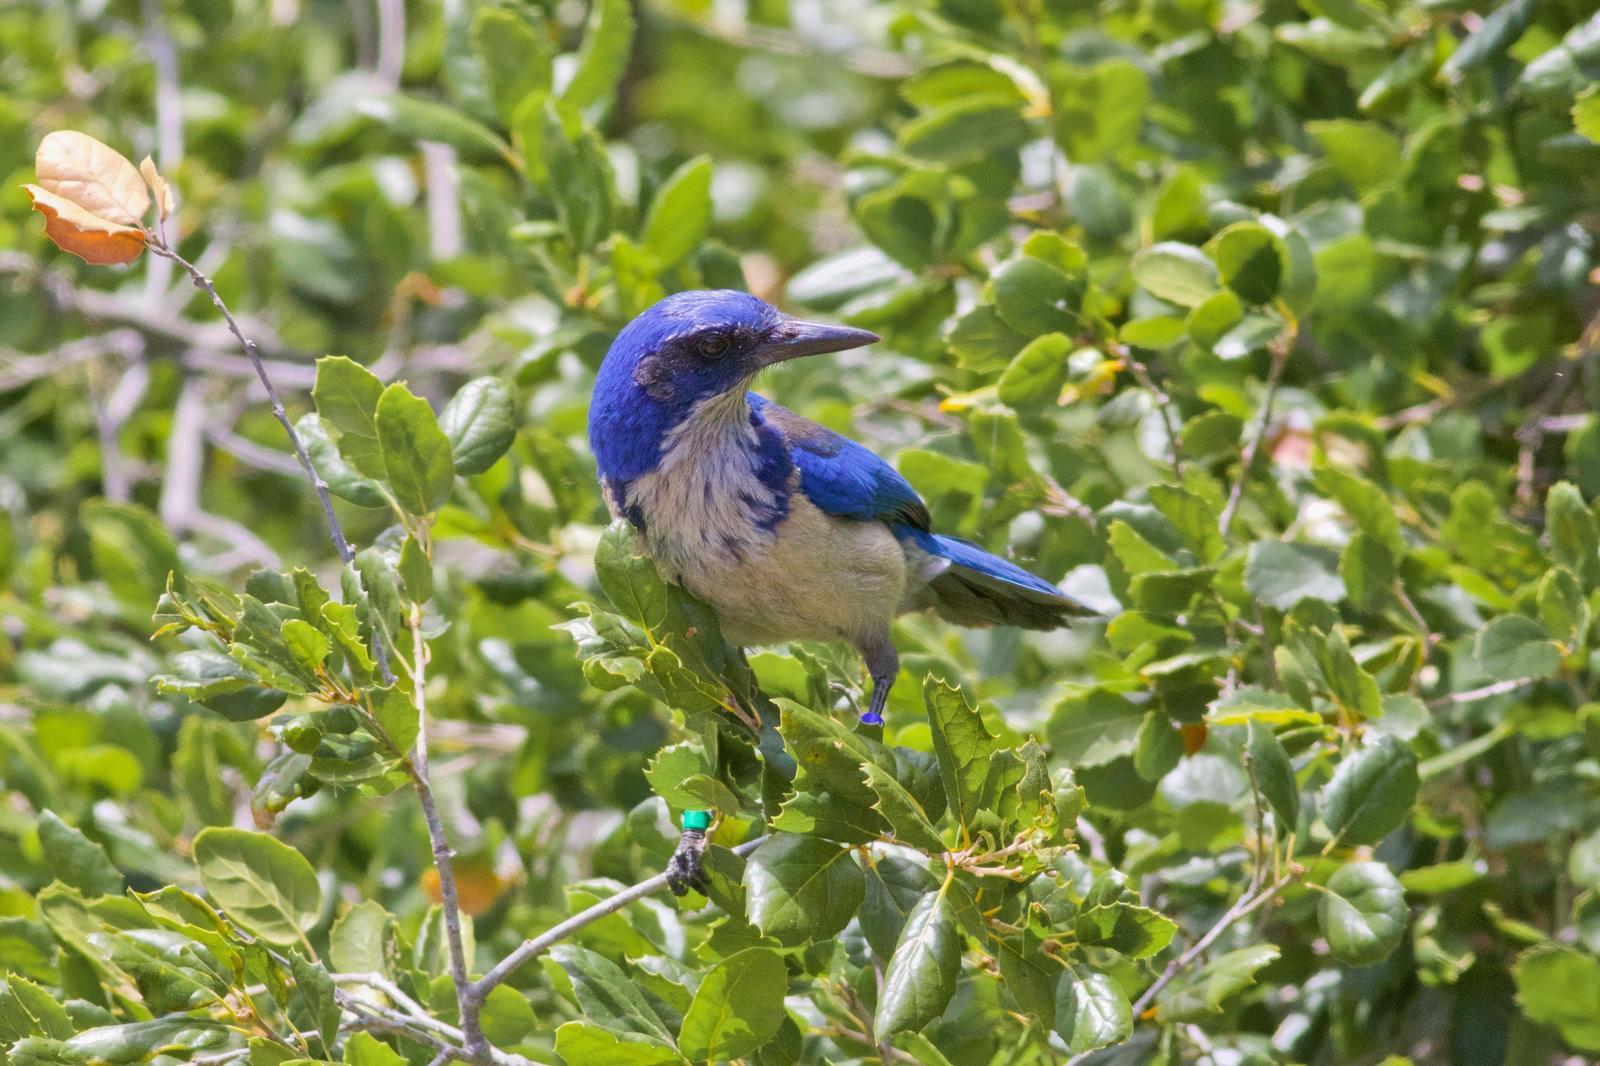 Island Scrub-Jay Photo by Tom Ford-Hutchinson